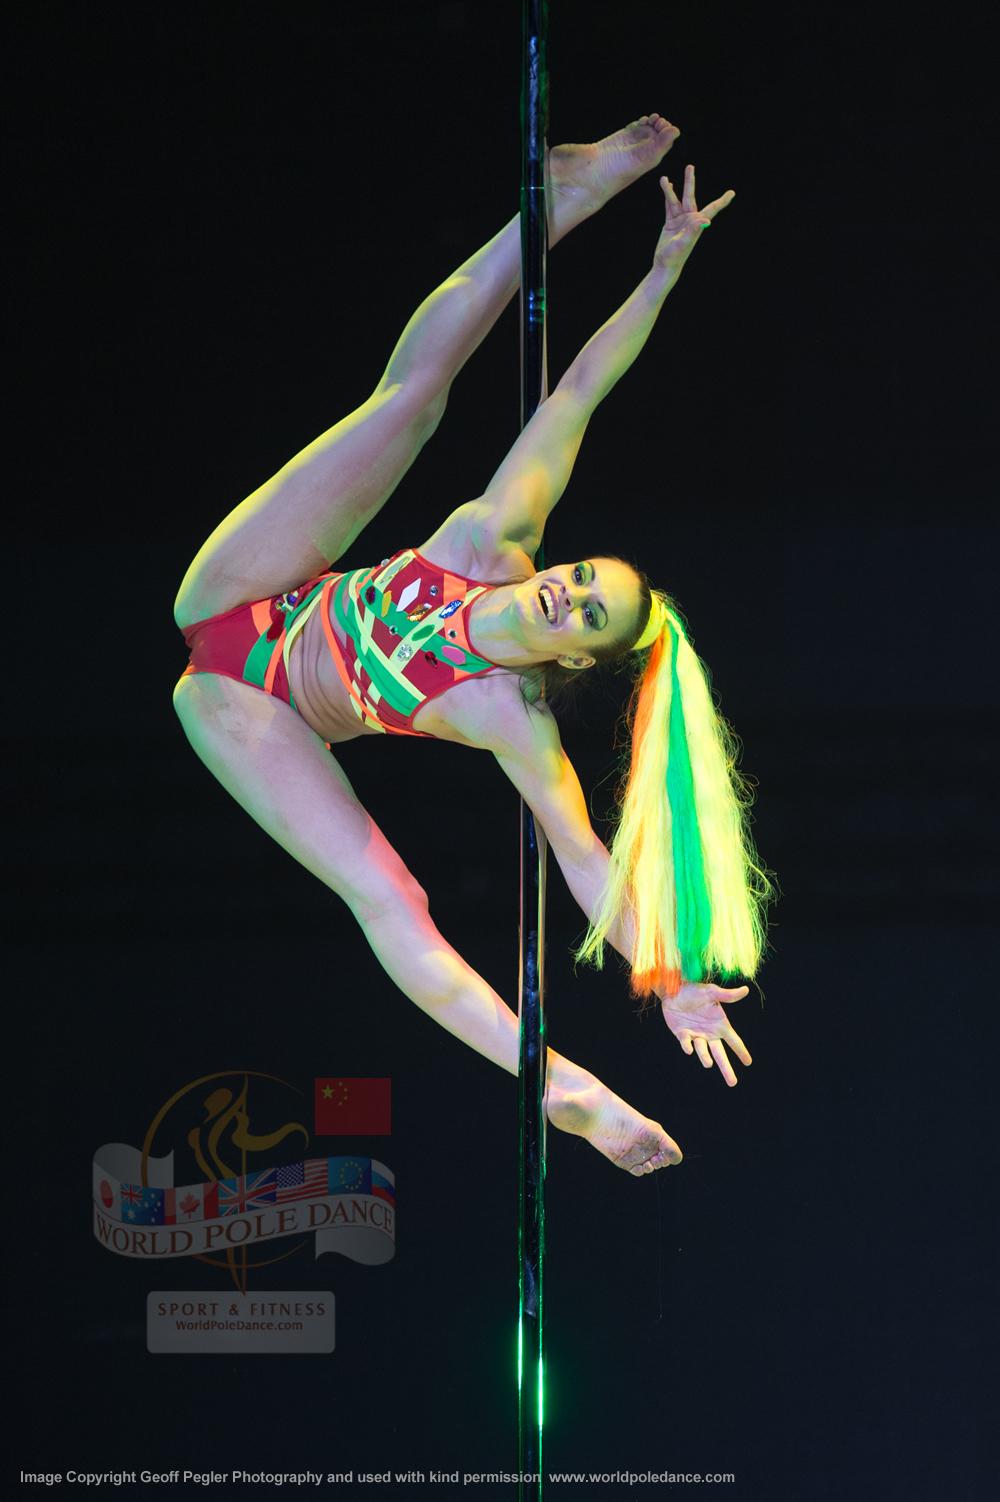 Natalia Mescheryakova RUSSIA